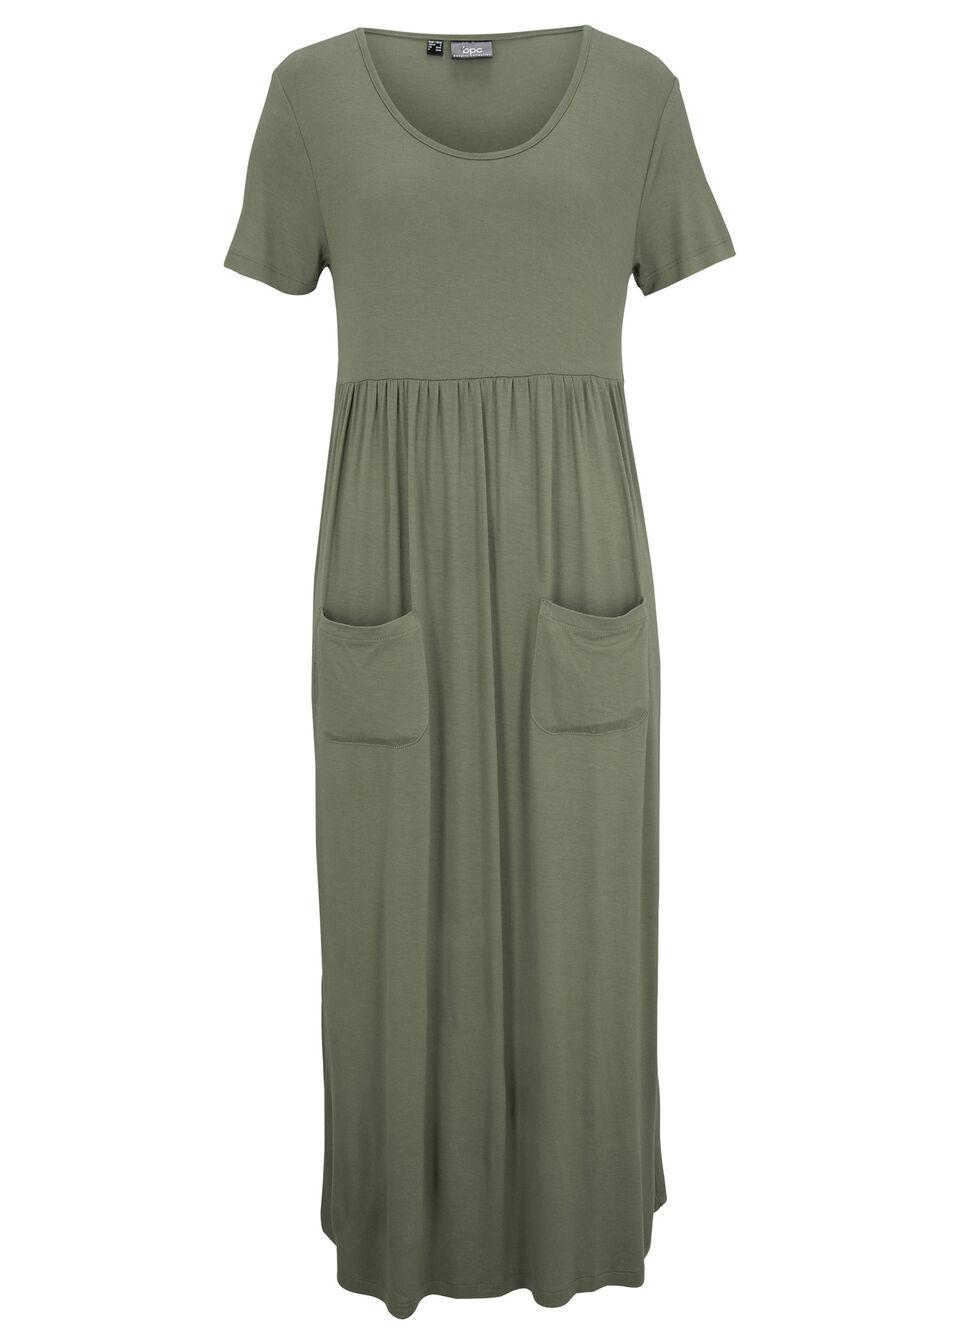 Sukienka midi ze stretchem, z okrągłym dekoltem i krótkim rękawem bonprix oliwkowy